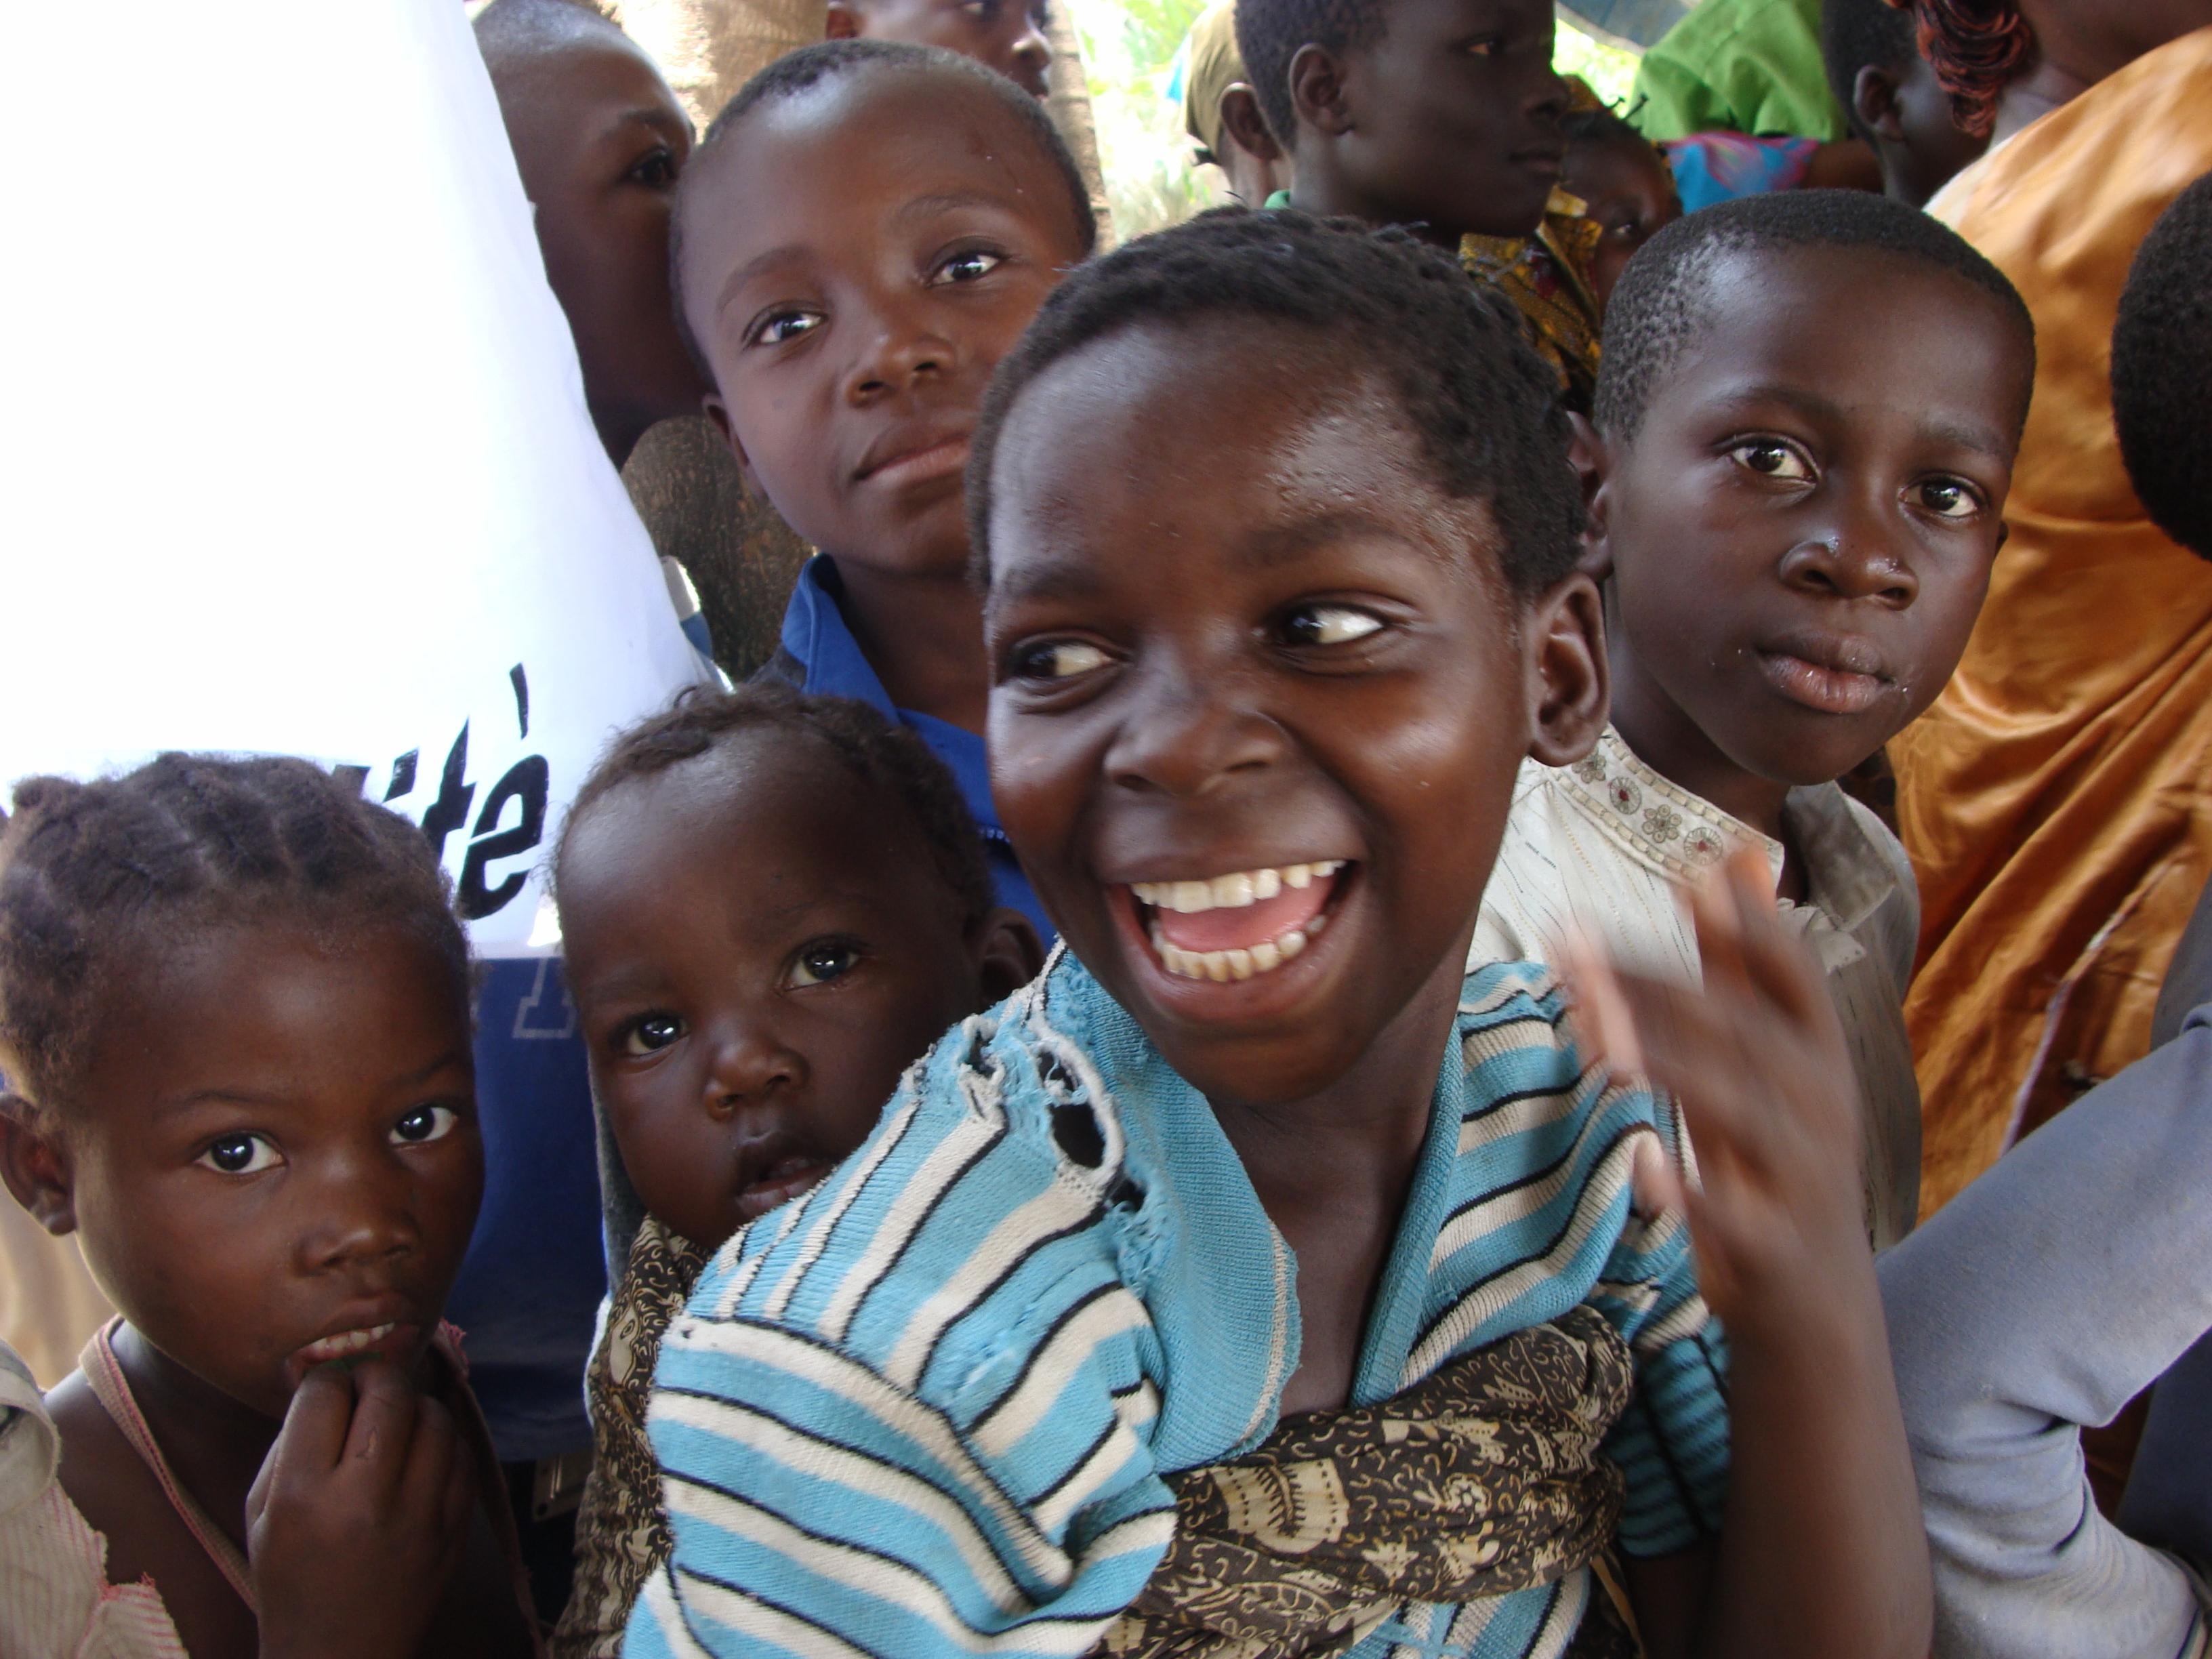 'Alle instanties zouden hun verantwoordelijkheid moeten nemen om jongeren kansen te geven', aartsbisschop Marcel Utembi Tapa © RR/Tertio